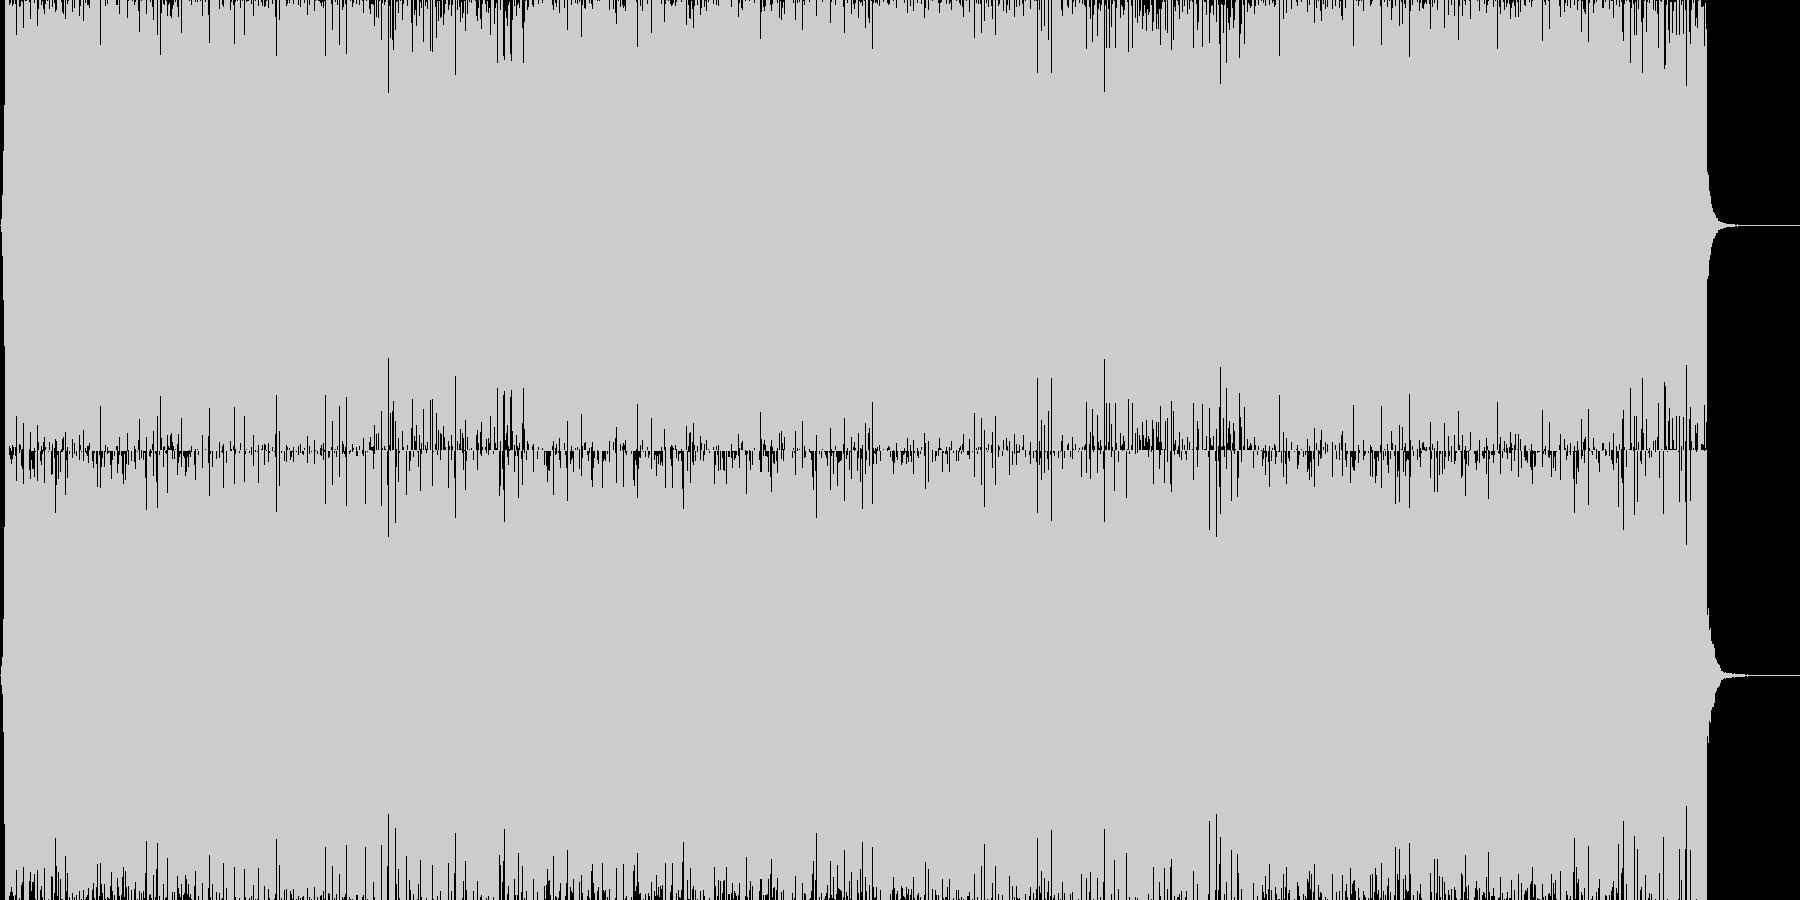 通常戦闘ドラムンベースの未再生の波形